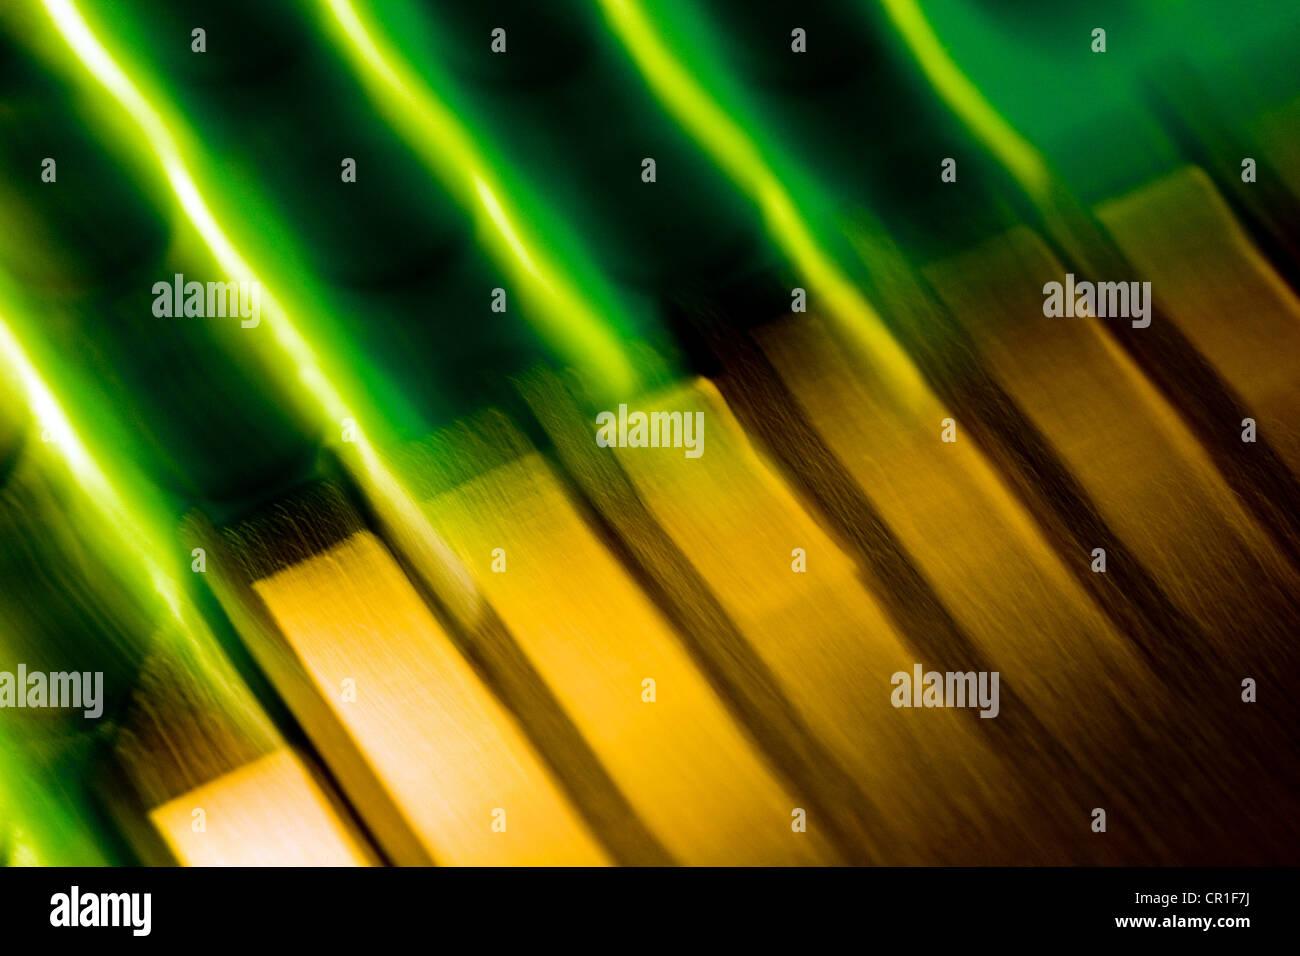 Contactos electrónicos, abstracto imagen tomada con una lente macro de gran ampliación. Imagen De Stock